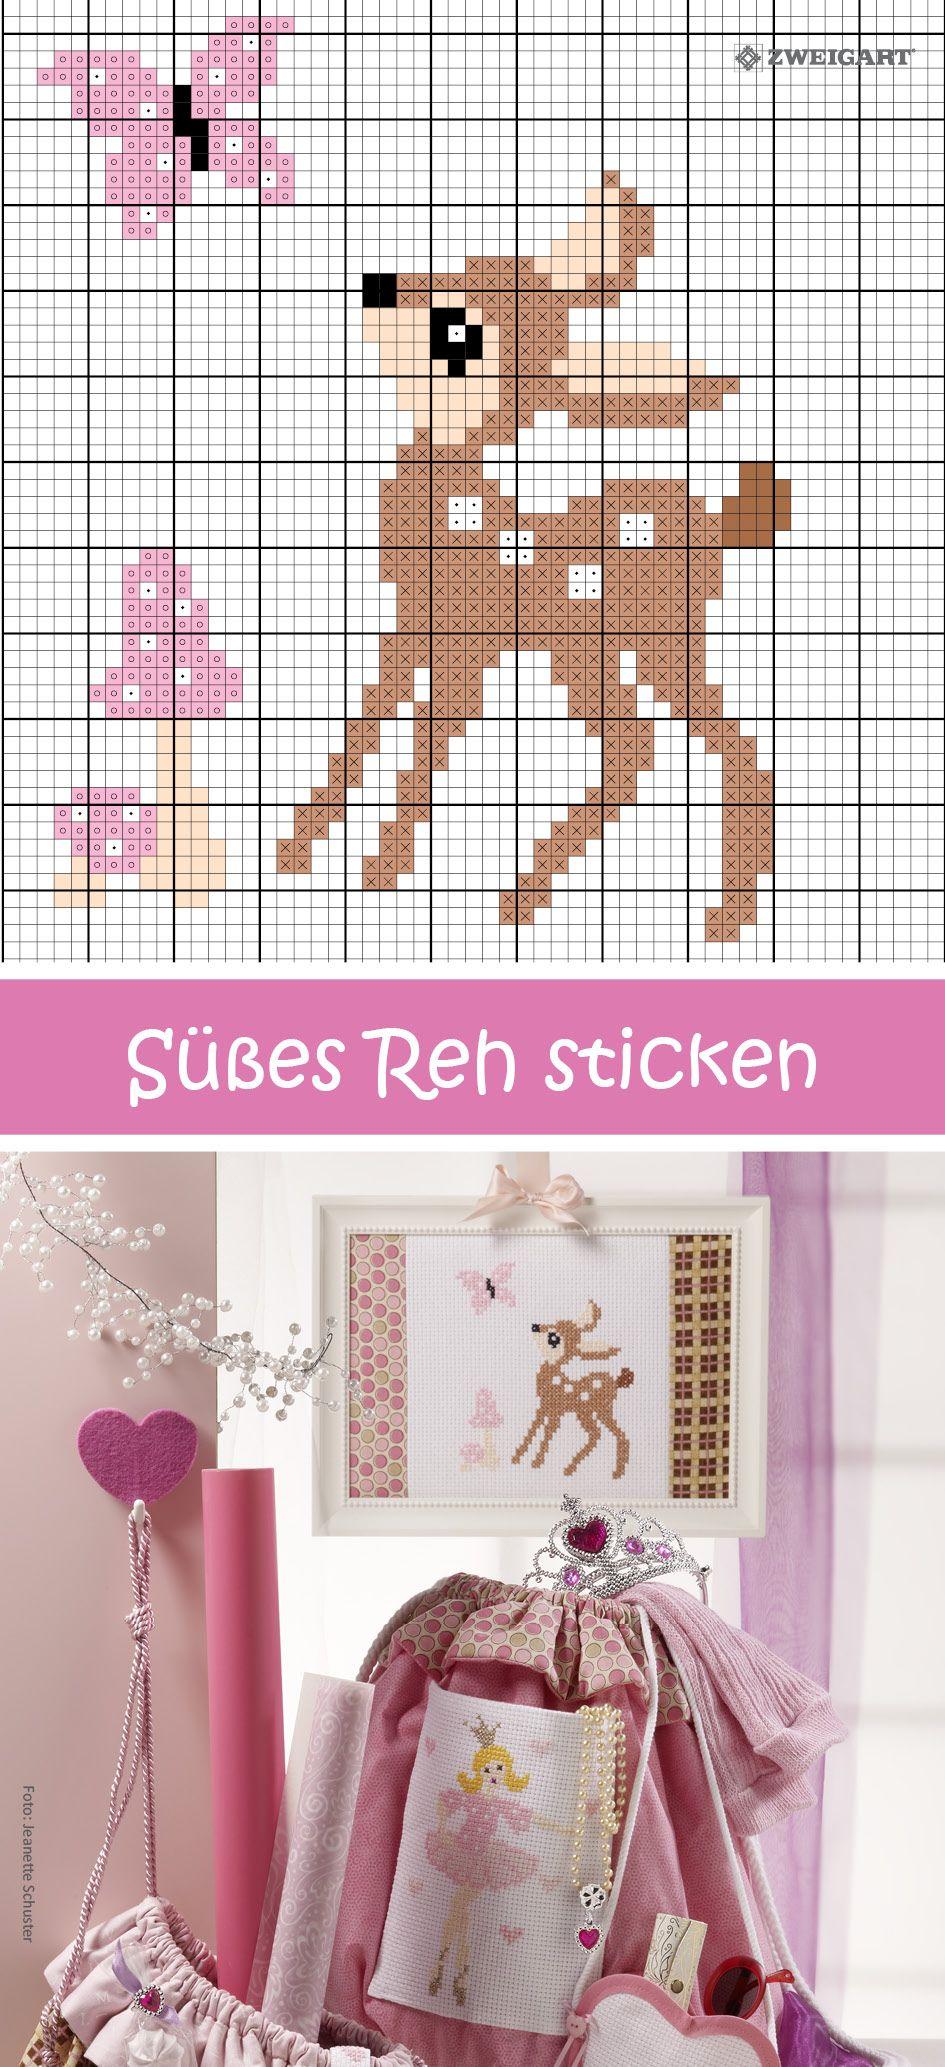 Photo of Süßes Rehkitz sticken – Entdecken Sie zahlreiche kostenlose Stickkarten!